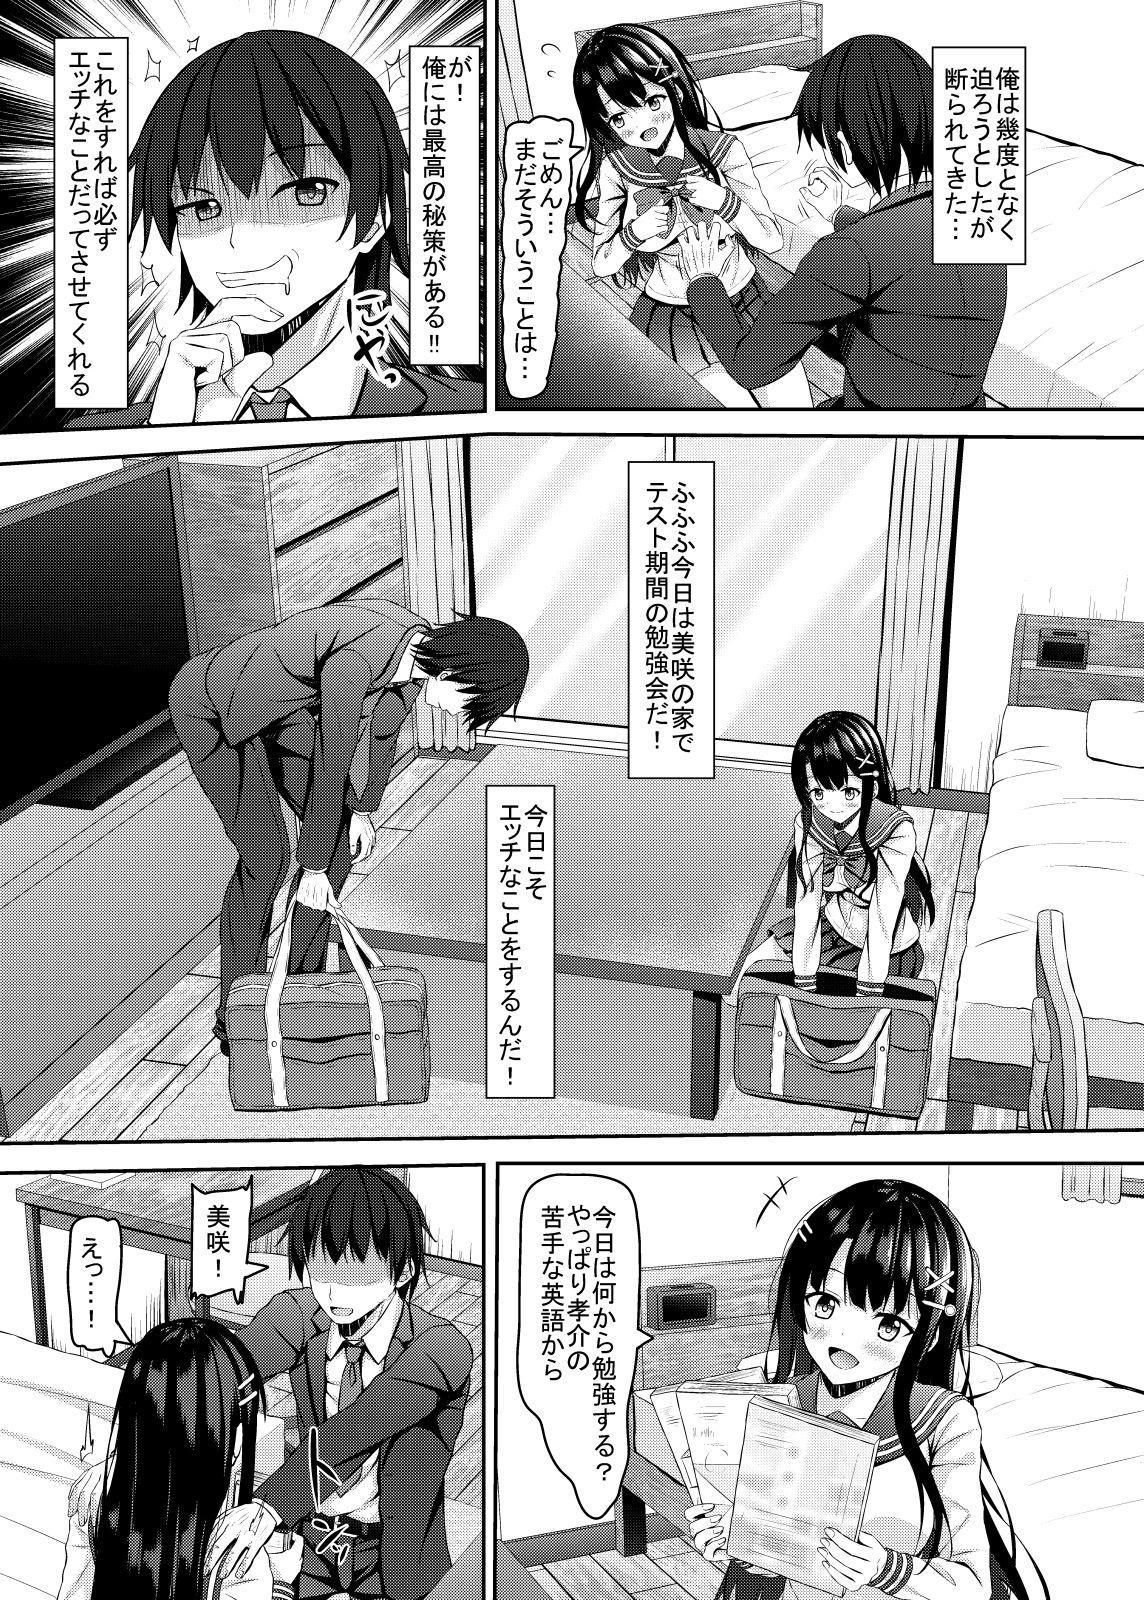 Saishoku Kenbi de Hazukashigariya na jk to Hatsu H made 3